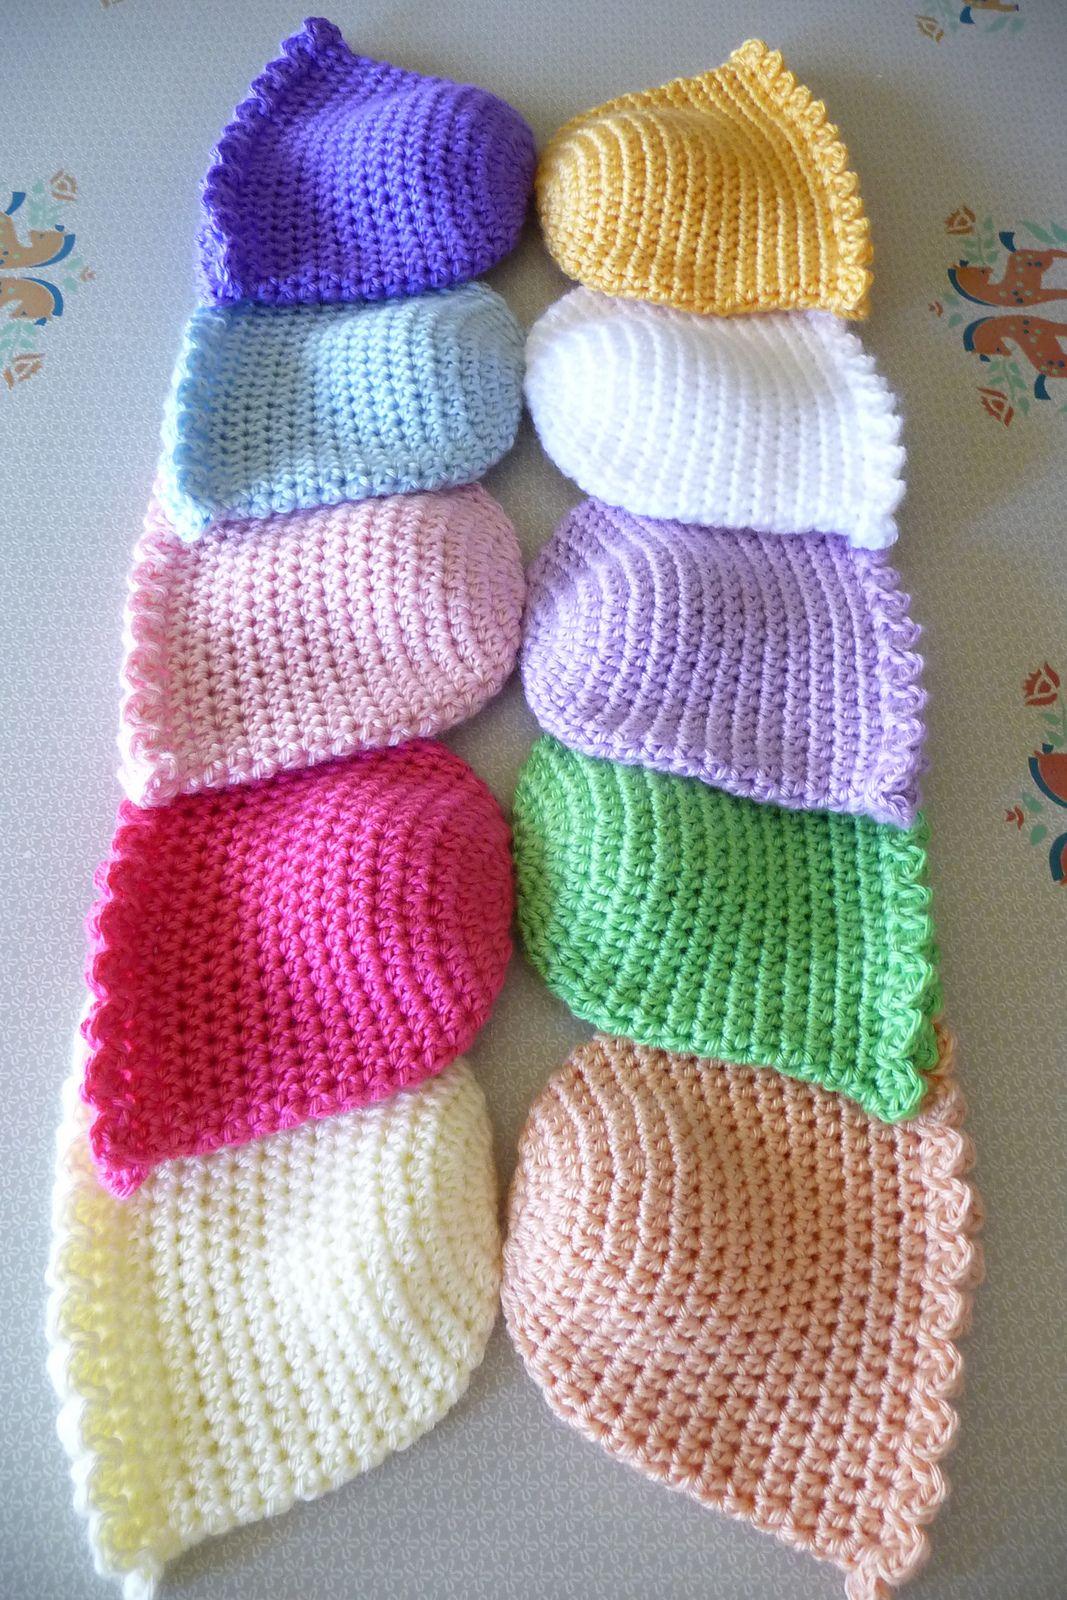 Ravelry: buttercup11\'s 0011E - Buttercup Babies | crochet ...